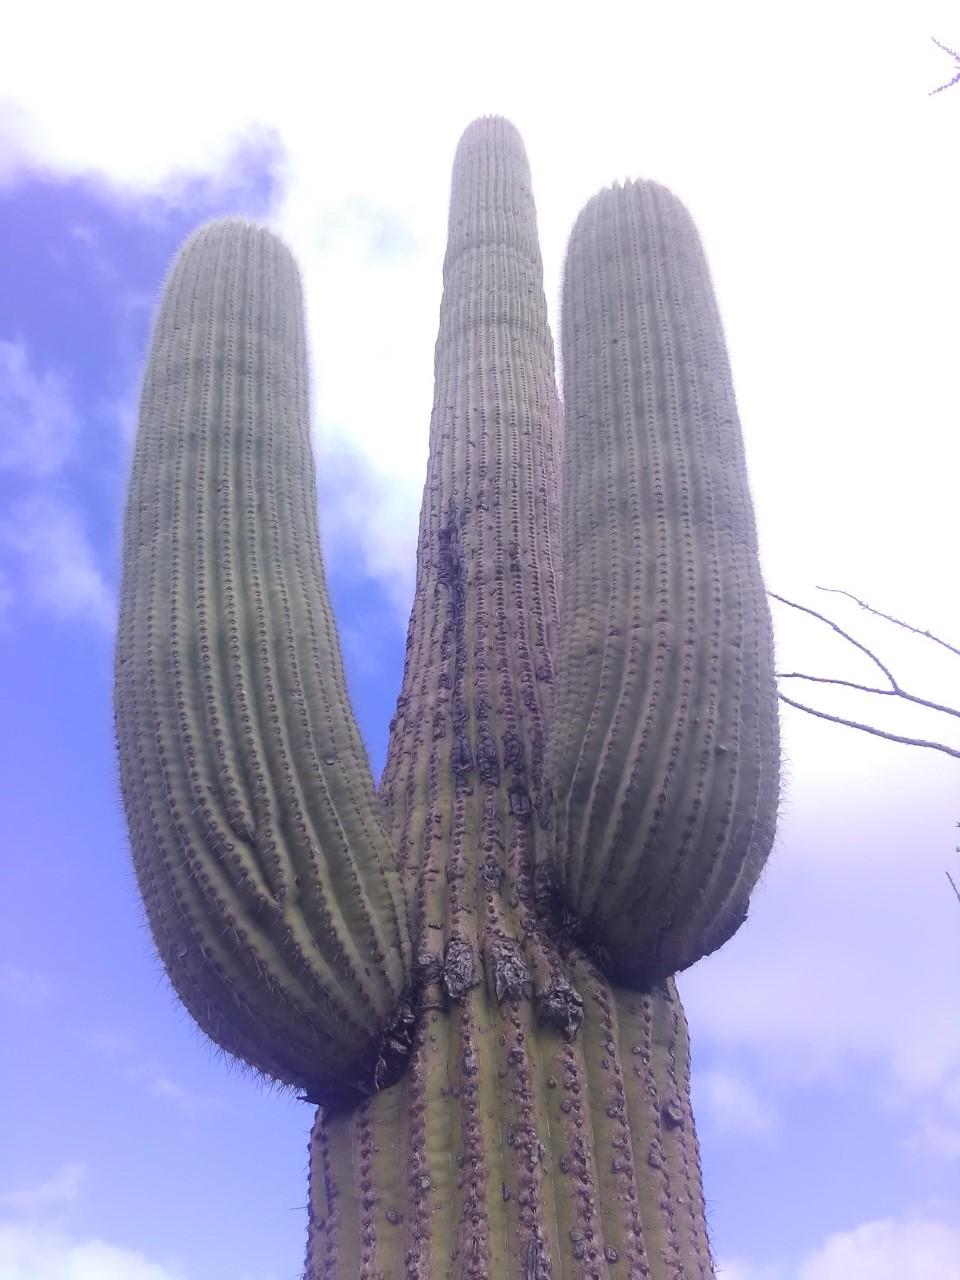 Busqueda de pepitas de oro en Sonora 2019 Saguar10